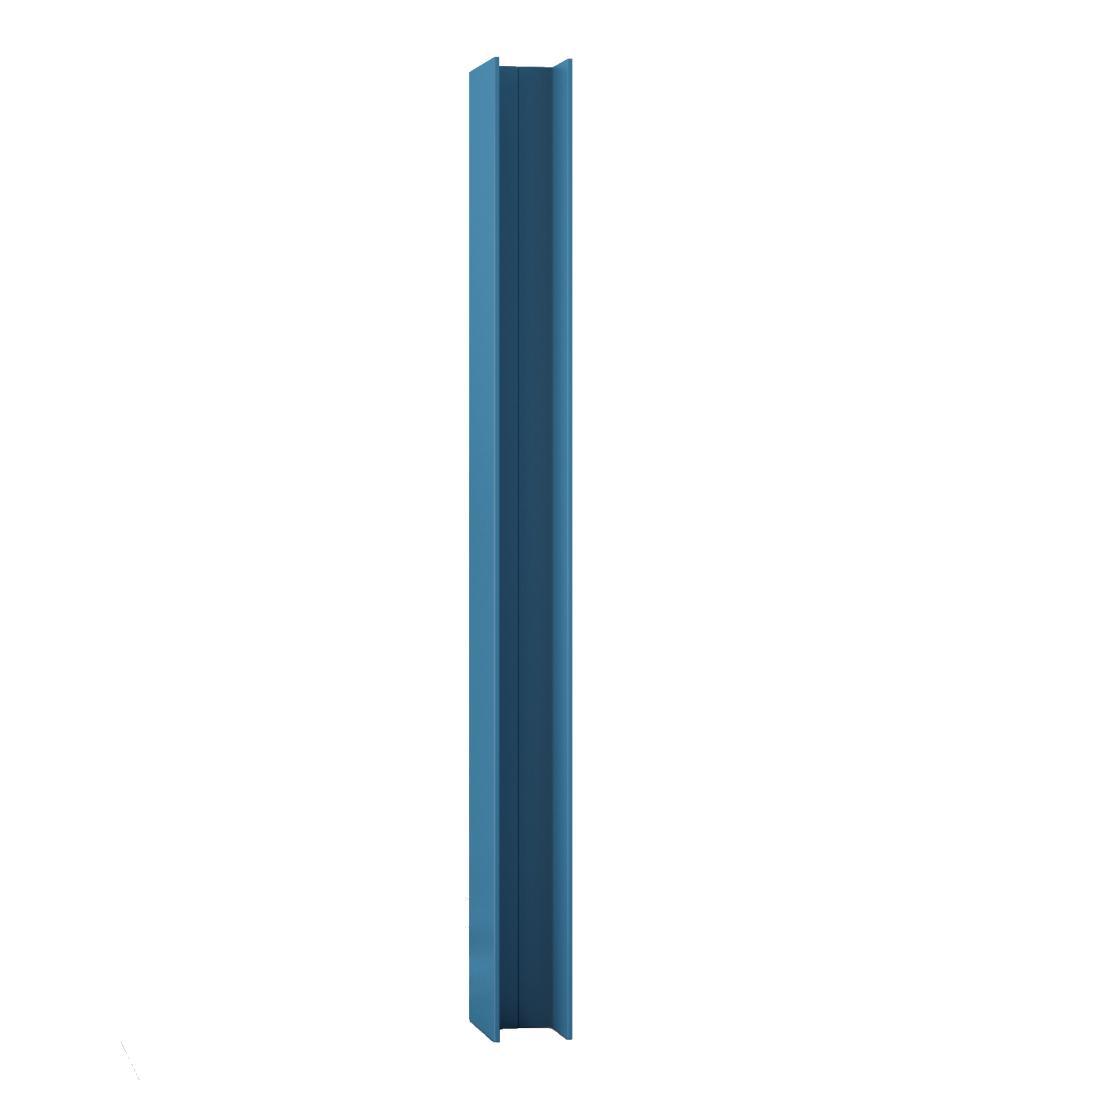 T-TOWER Design-Heizkörper Warmwasser nach Kundenwunsch